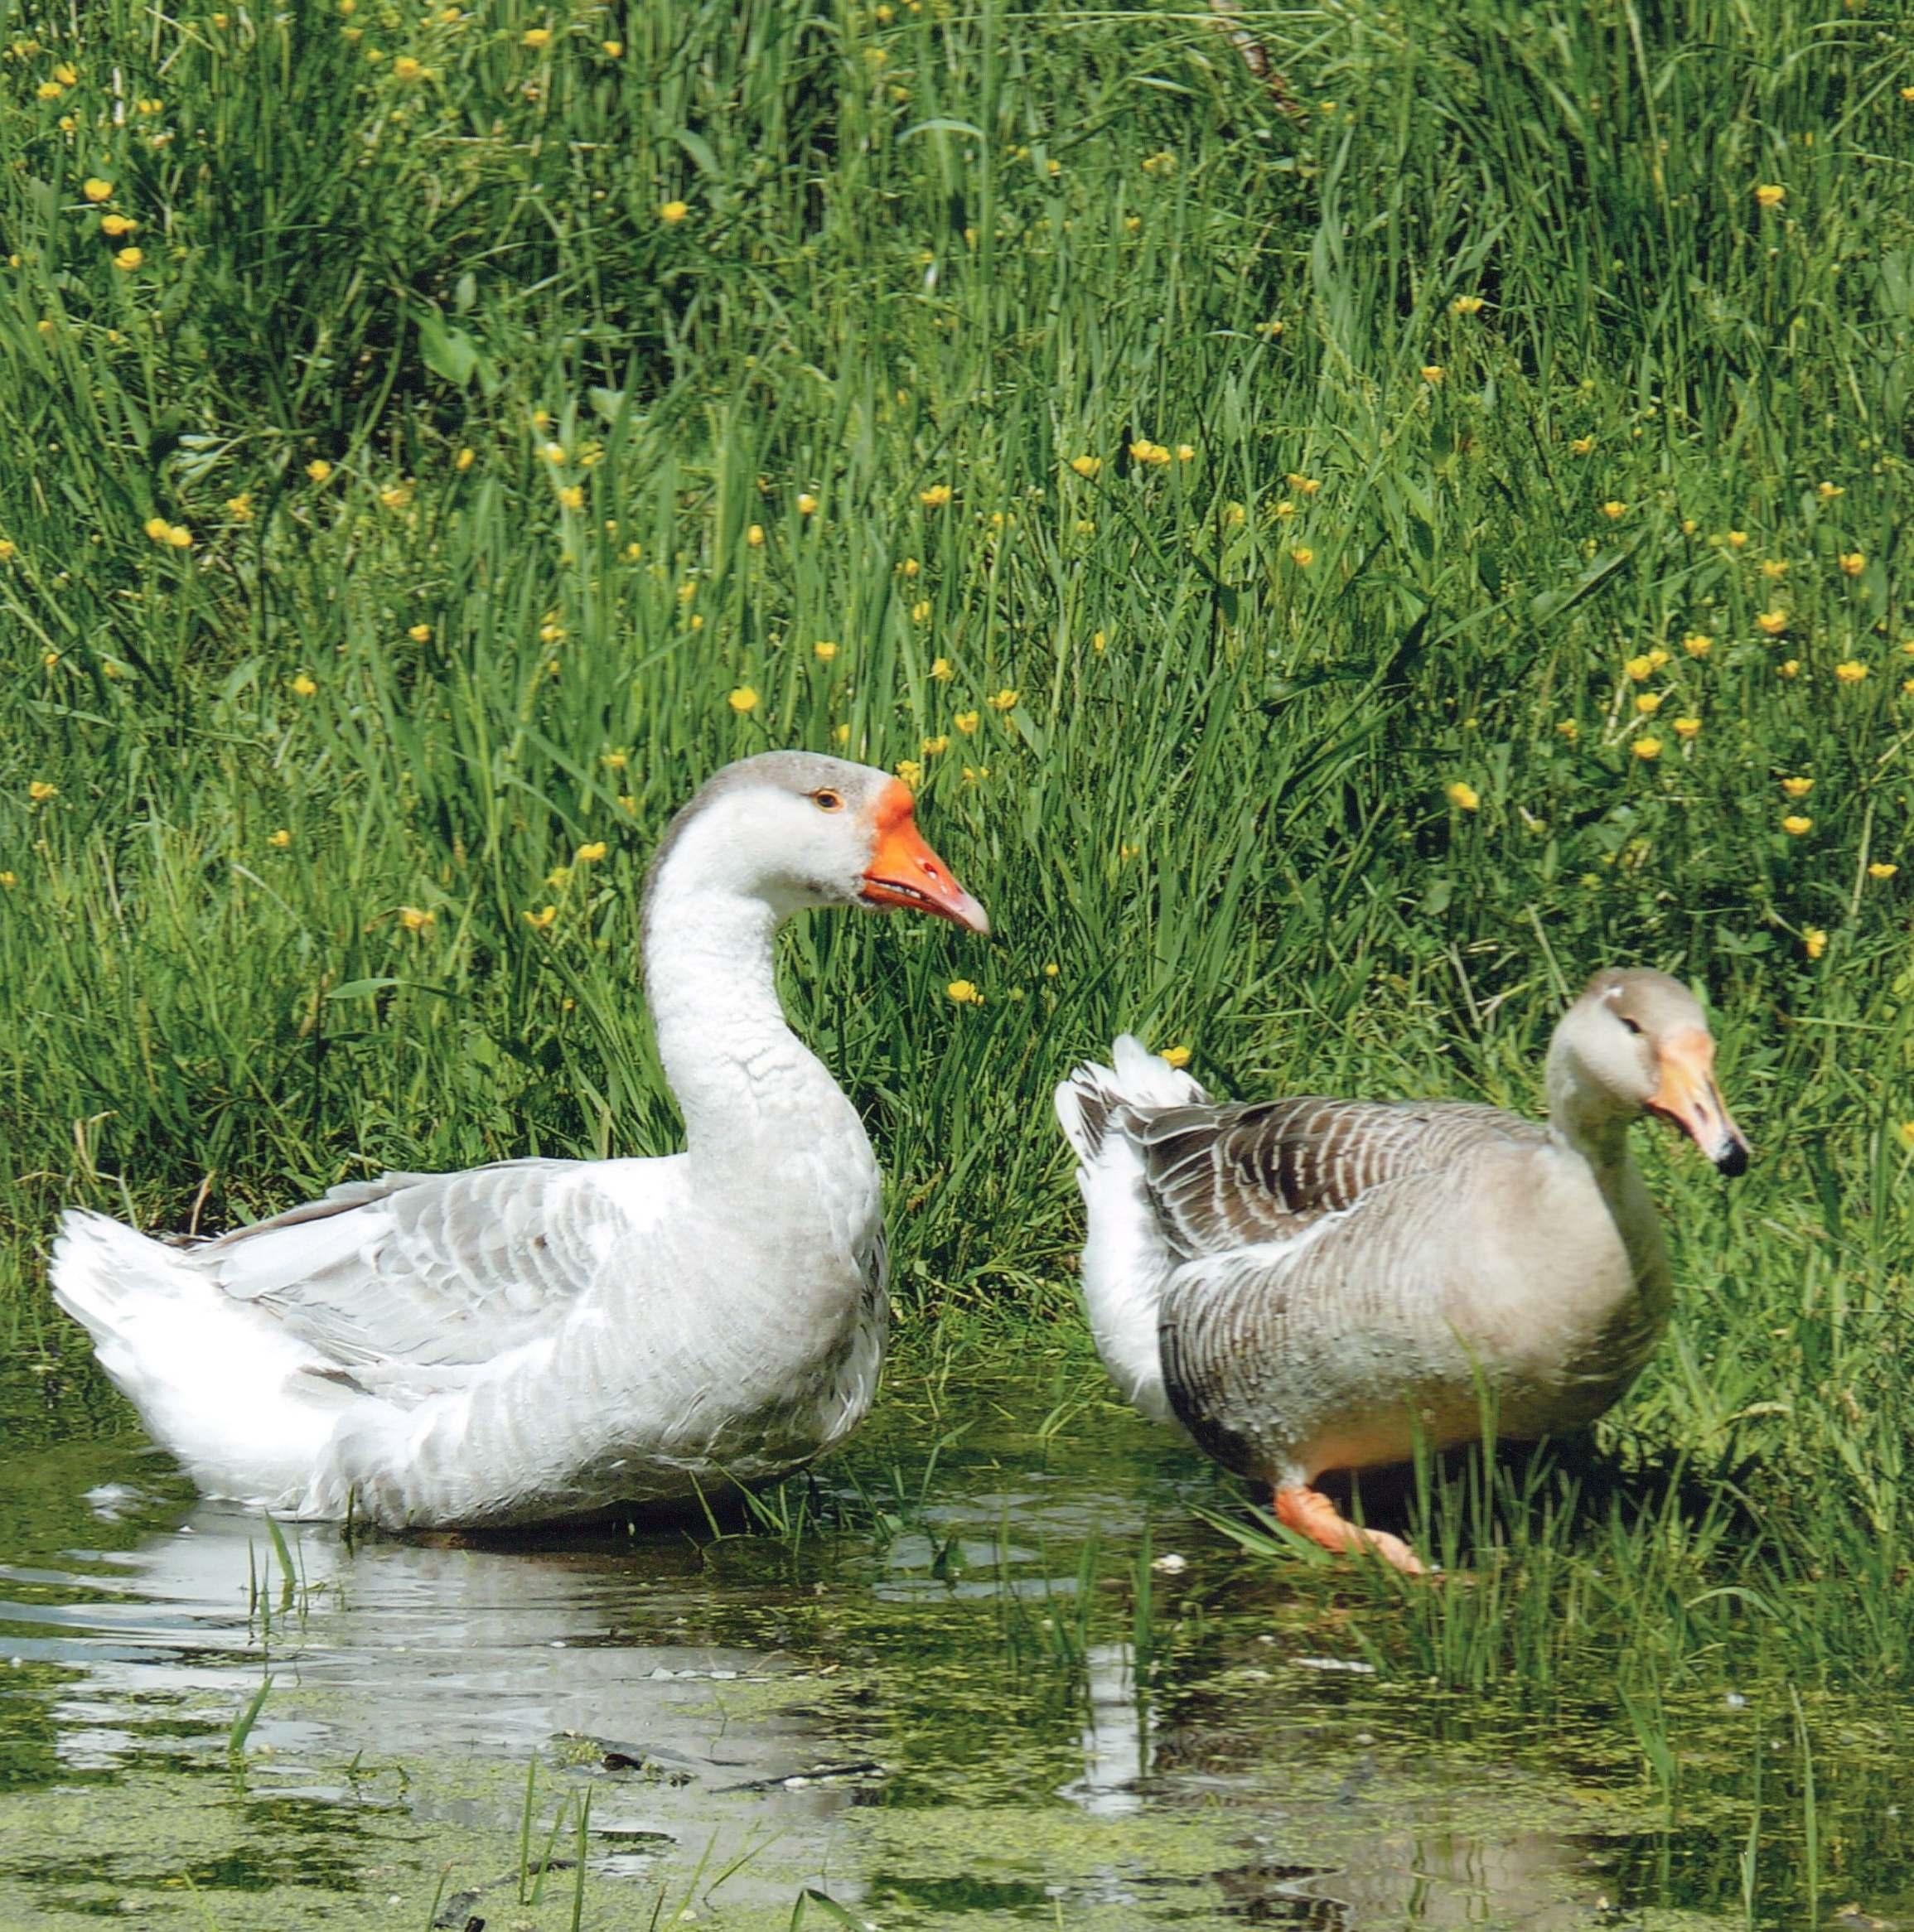 Арзамасский гусь: как эта птица прославила город и чем отличилась от других пород